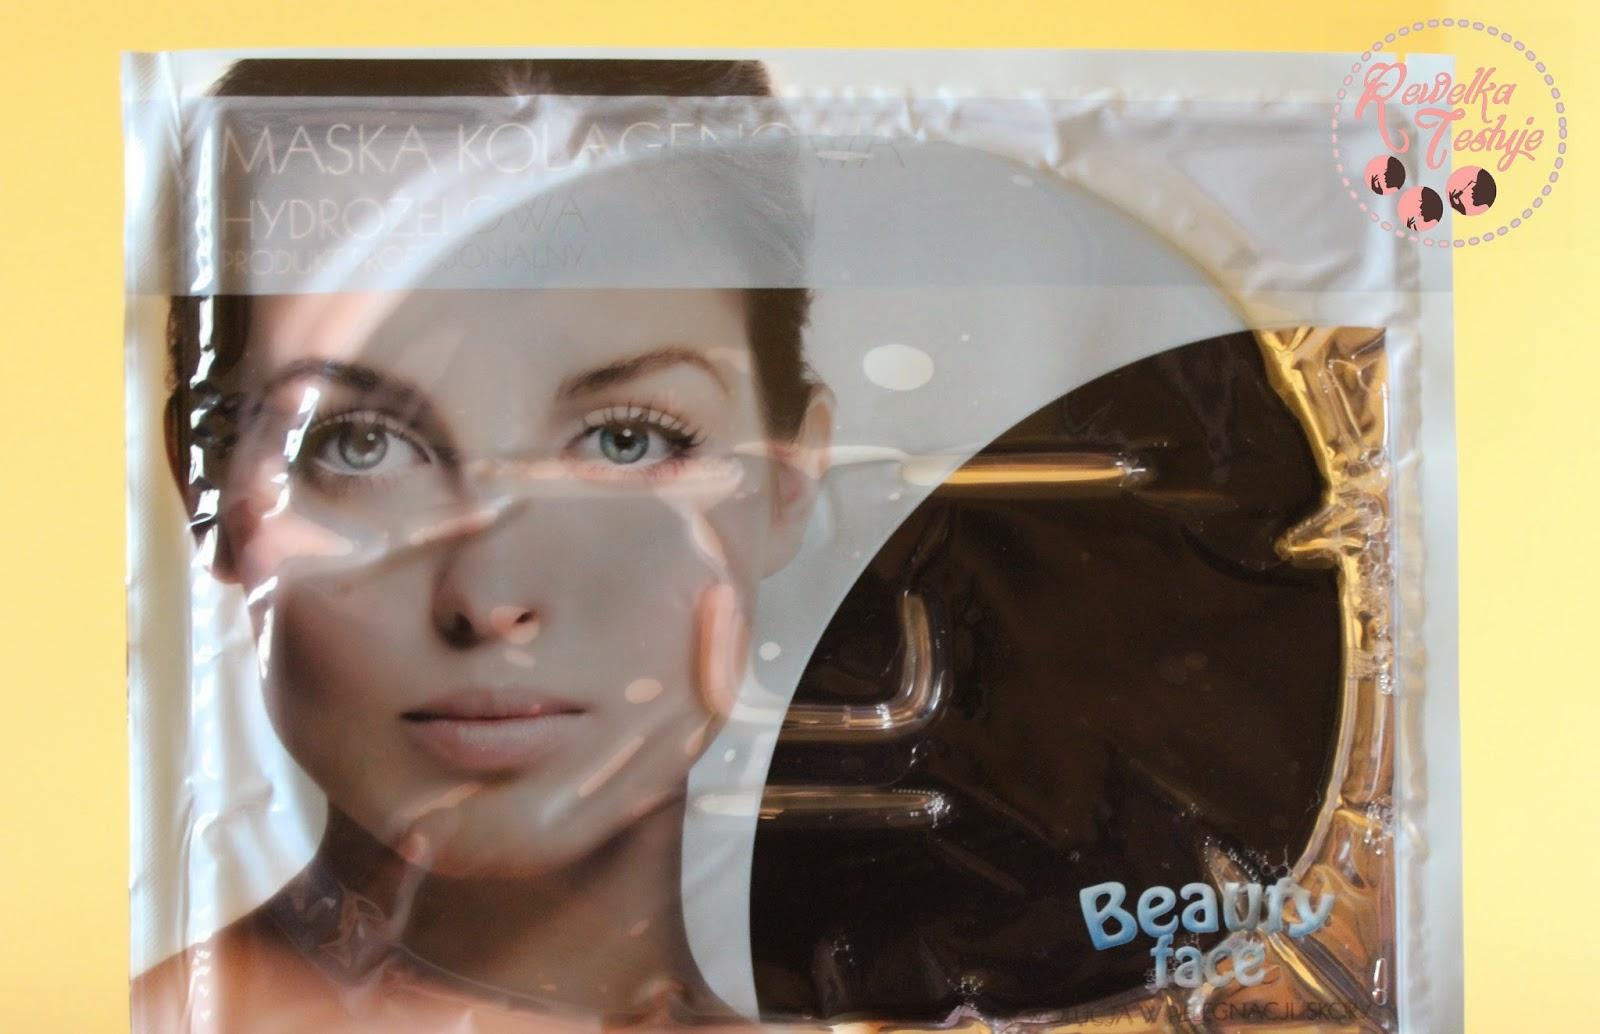 BeautyFace Antybakteryjna maska kolagenowa - oczyszczająca i zmniejszająca blizny - jak wypadła?